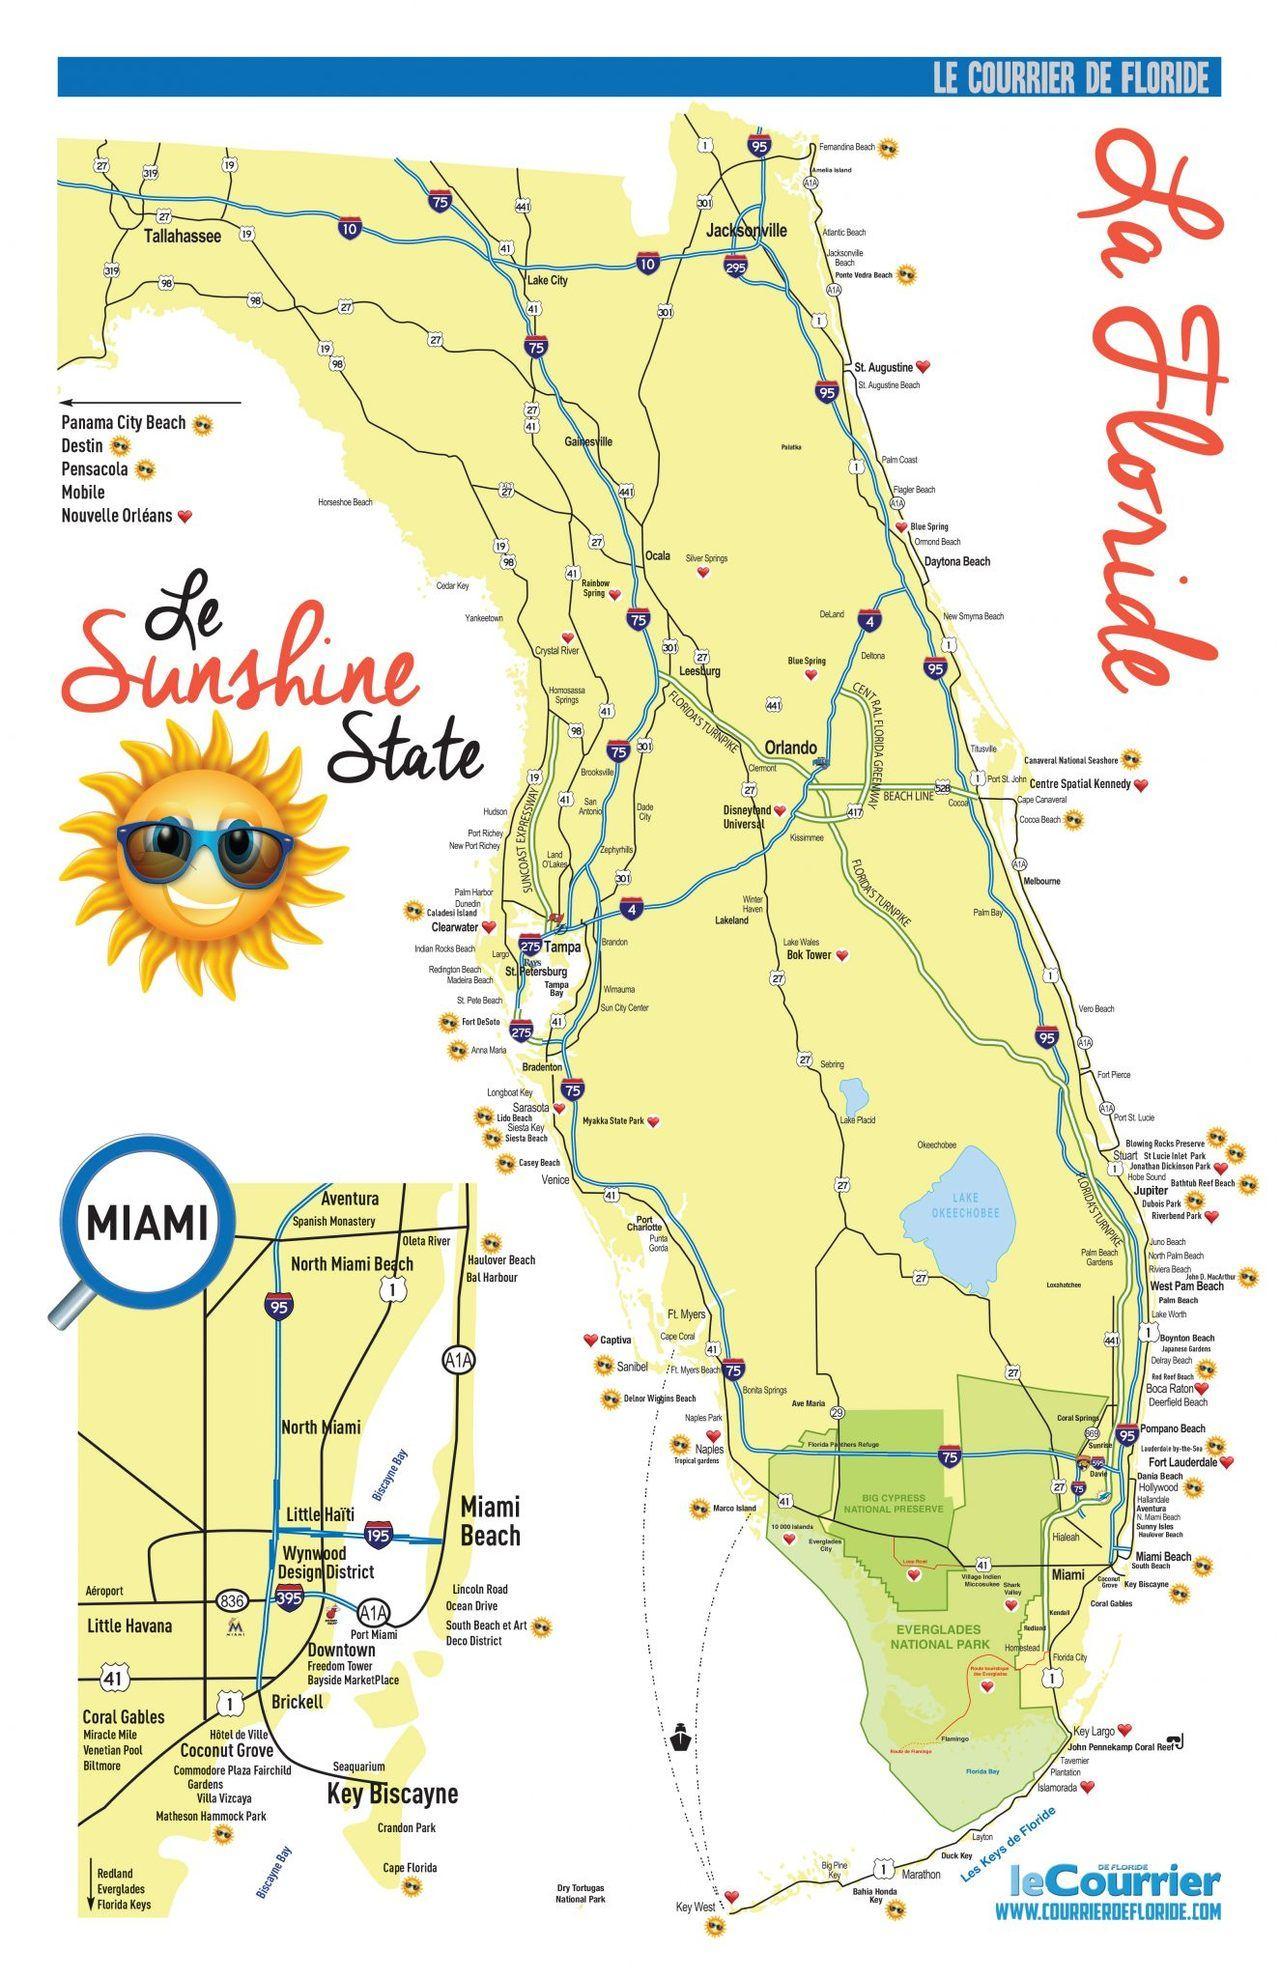 Carte Amerique Floride.Carte De La Floride Et De Miami Le Courrier De Floride